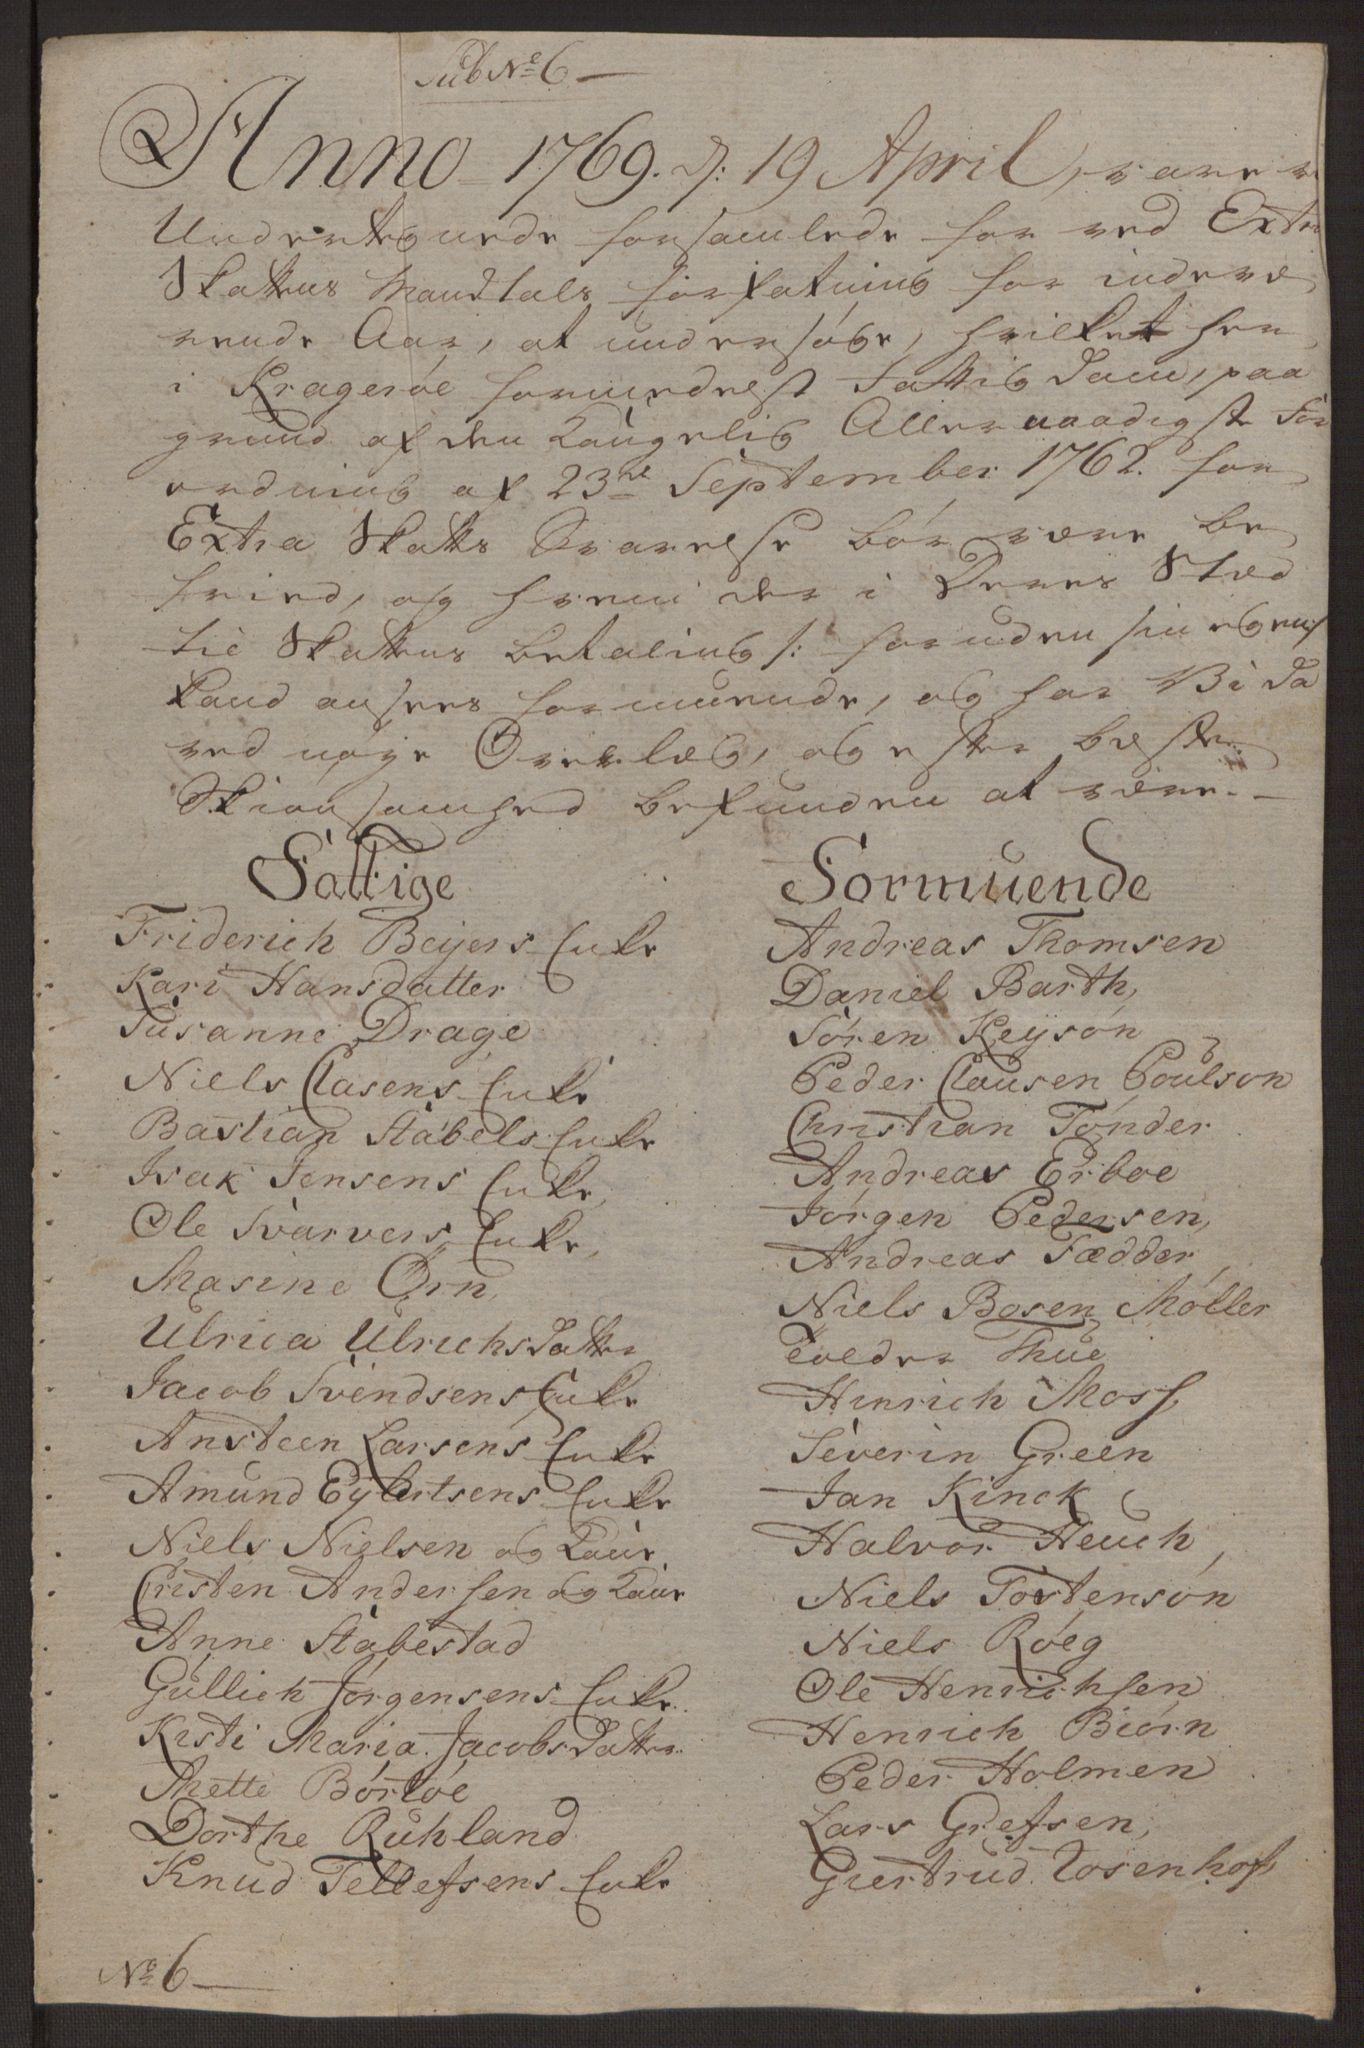 RA, Rentekammeret inntil 1814, Reviderte regnskaper, Byregnskaper, R/Rk/L0218: [K2] Kontribusjonsregnskap, 1768-1772, s. 39